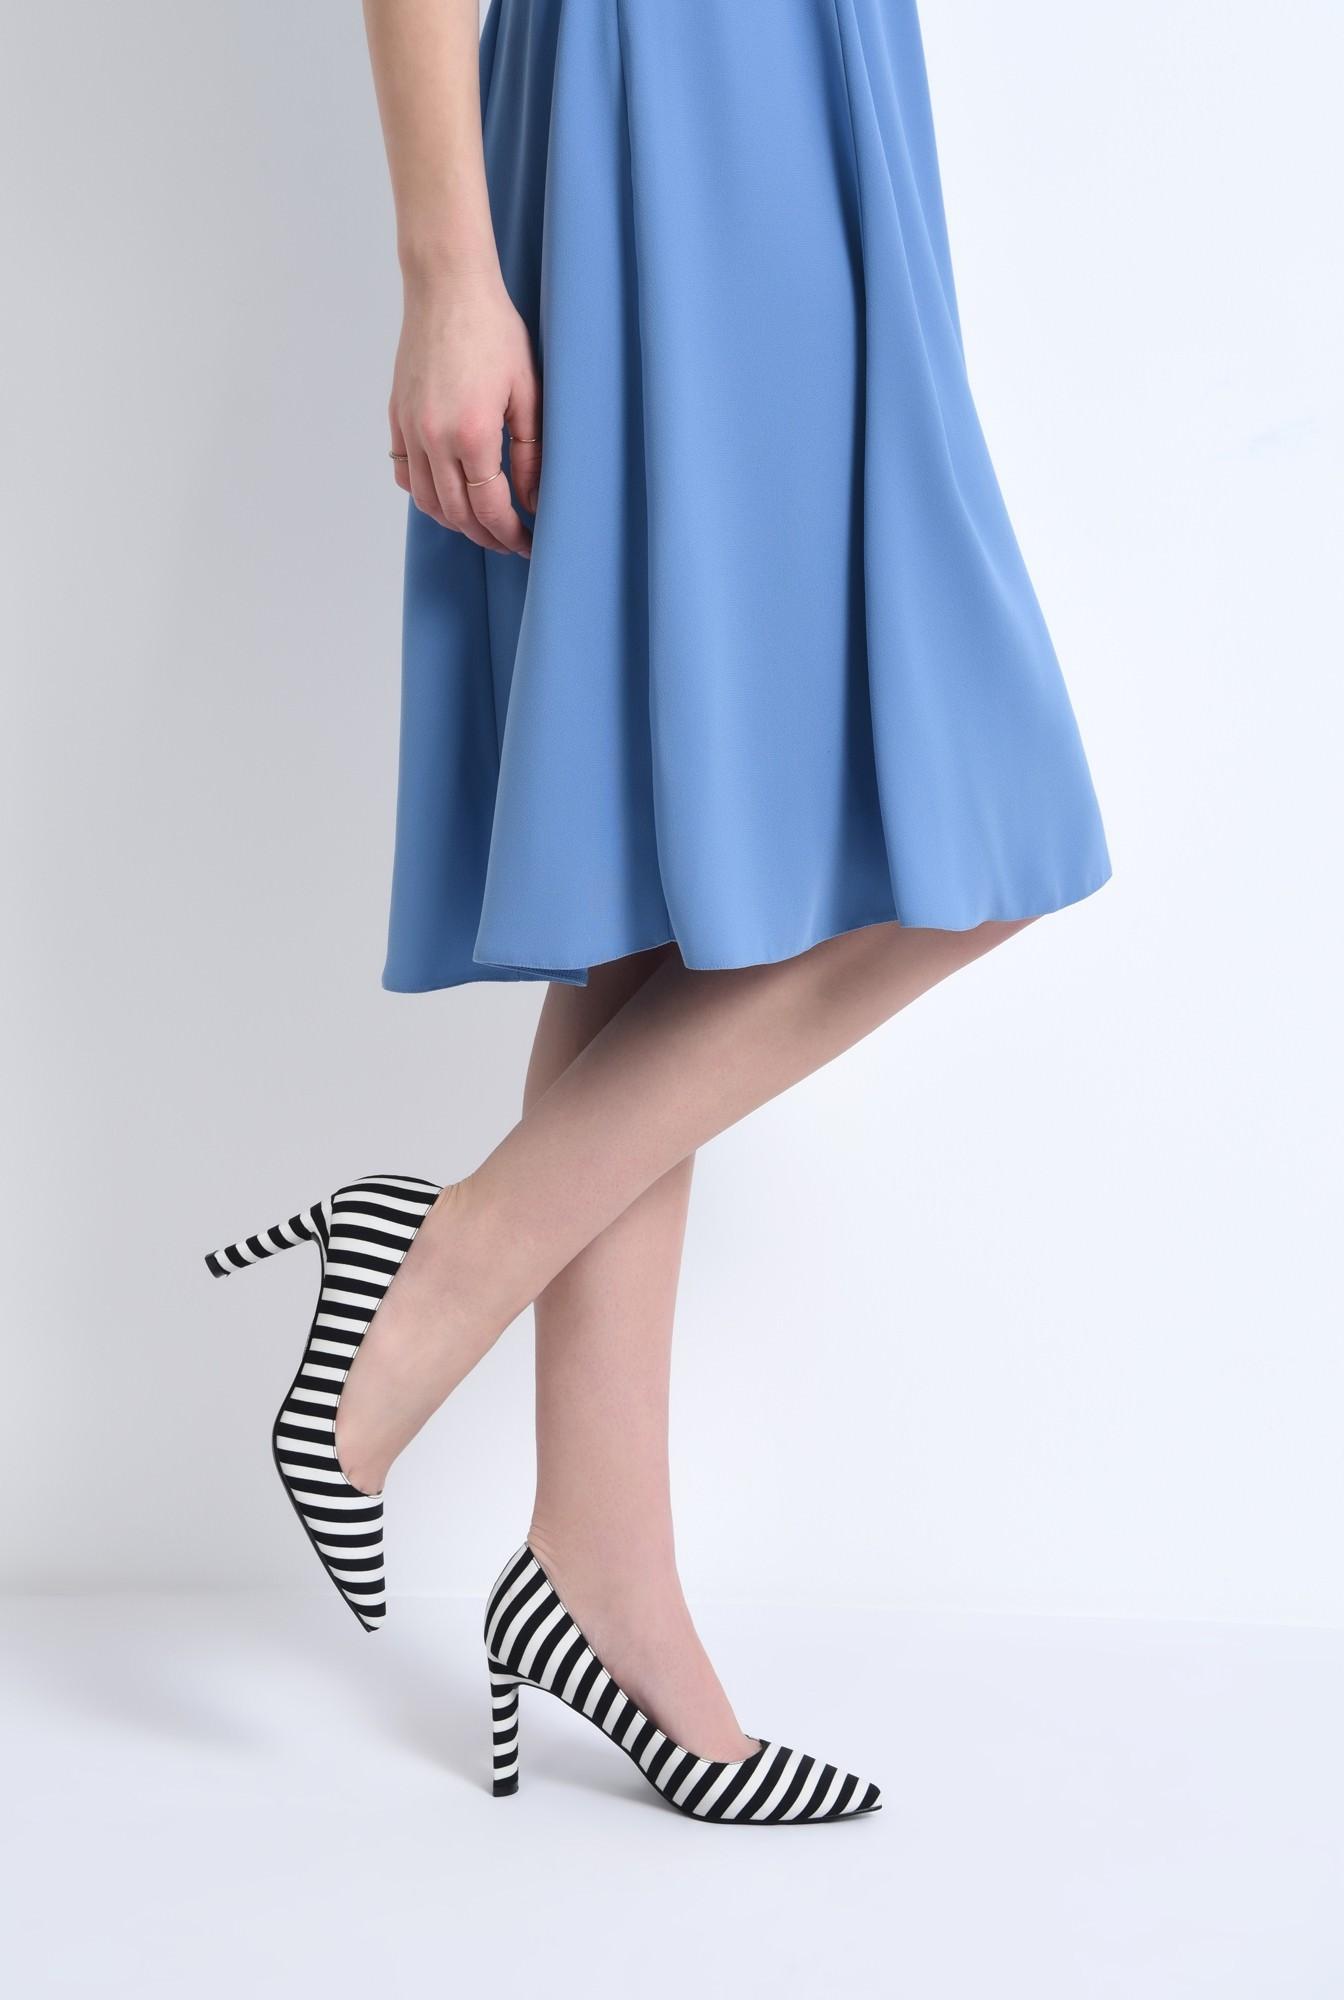 4 - pantofi casual, alb-negru, dungi, toc inalt